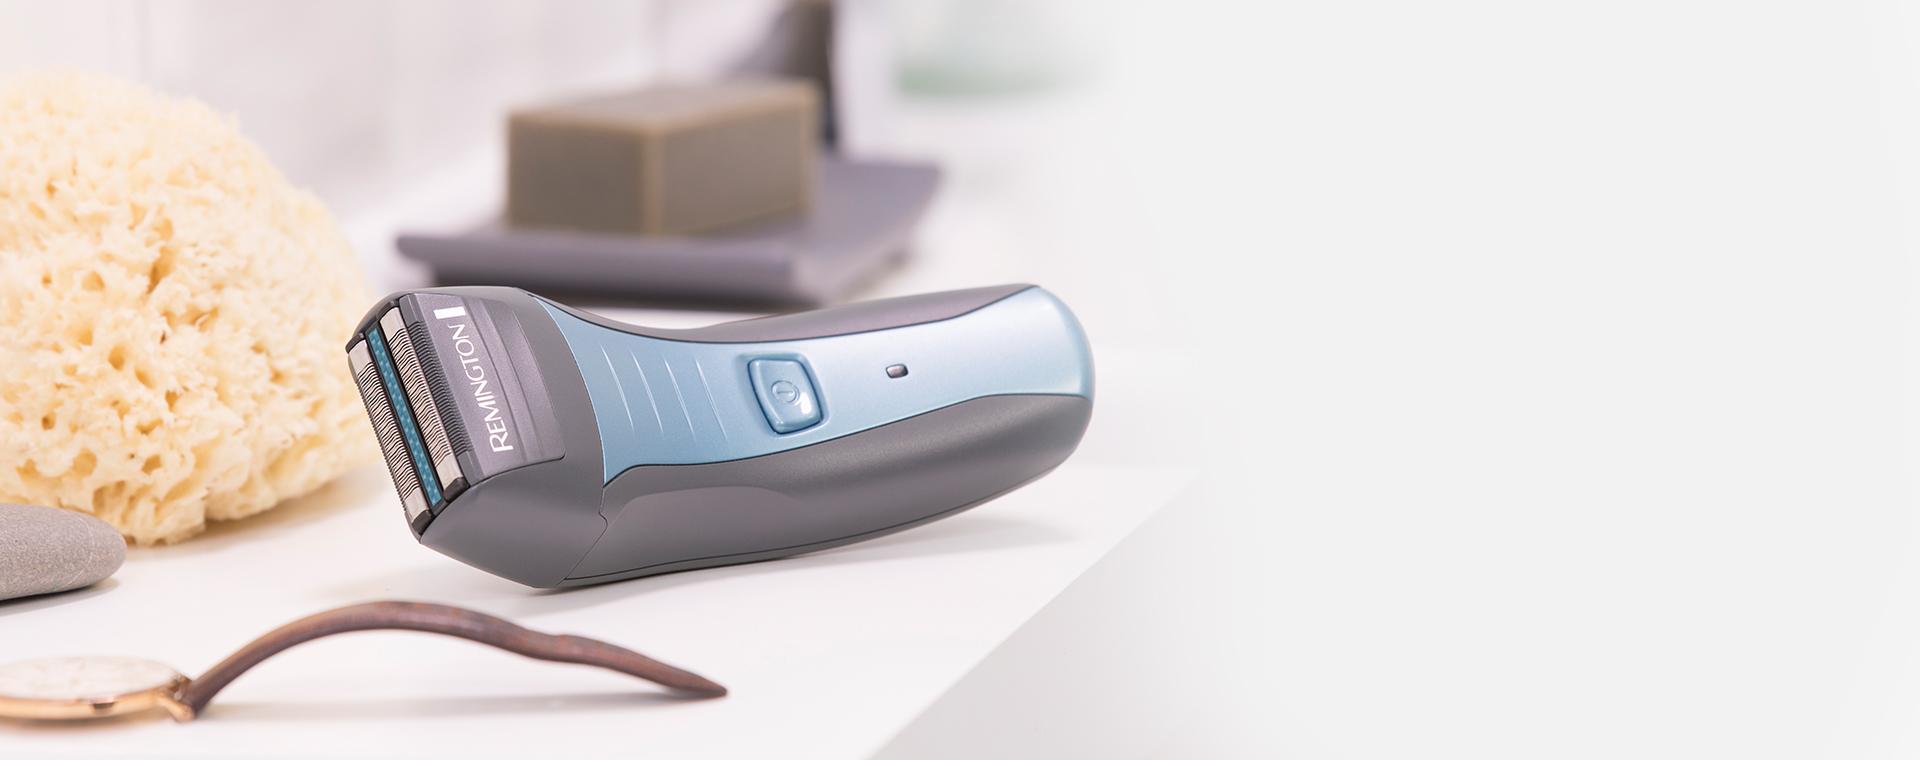 Afeitadora de láminas Sensitive  f09beca5e933